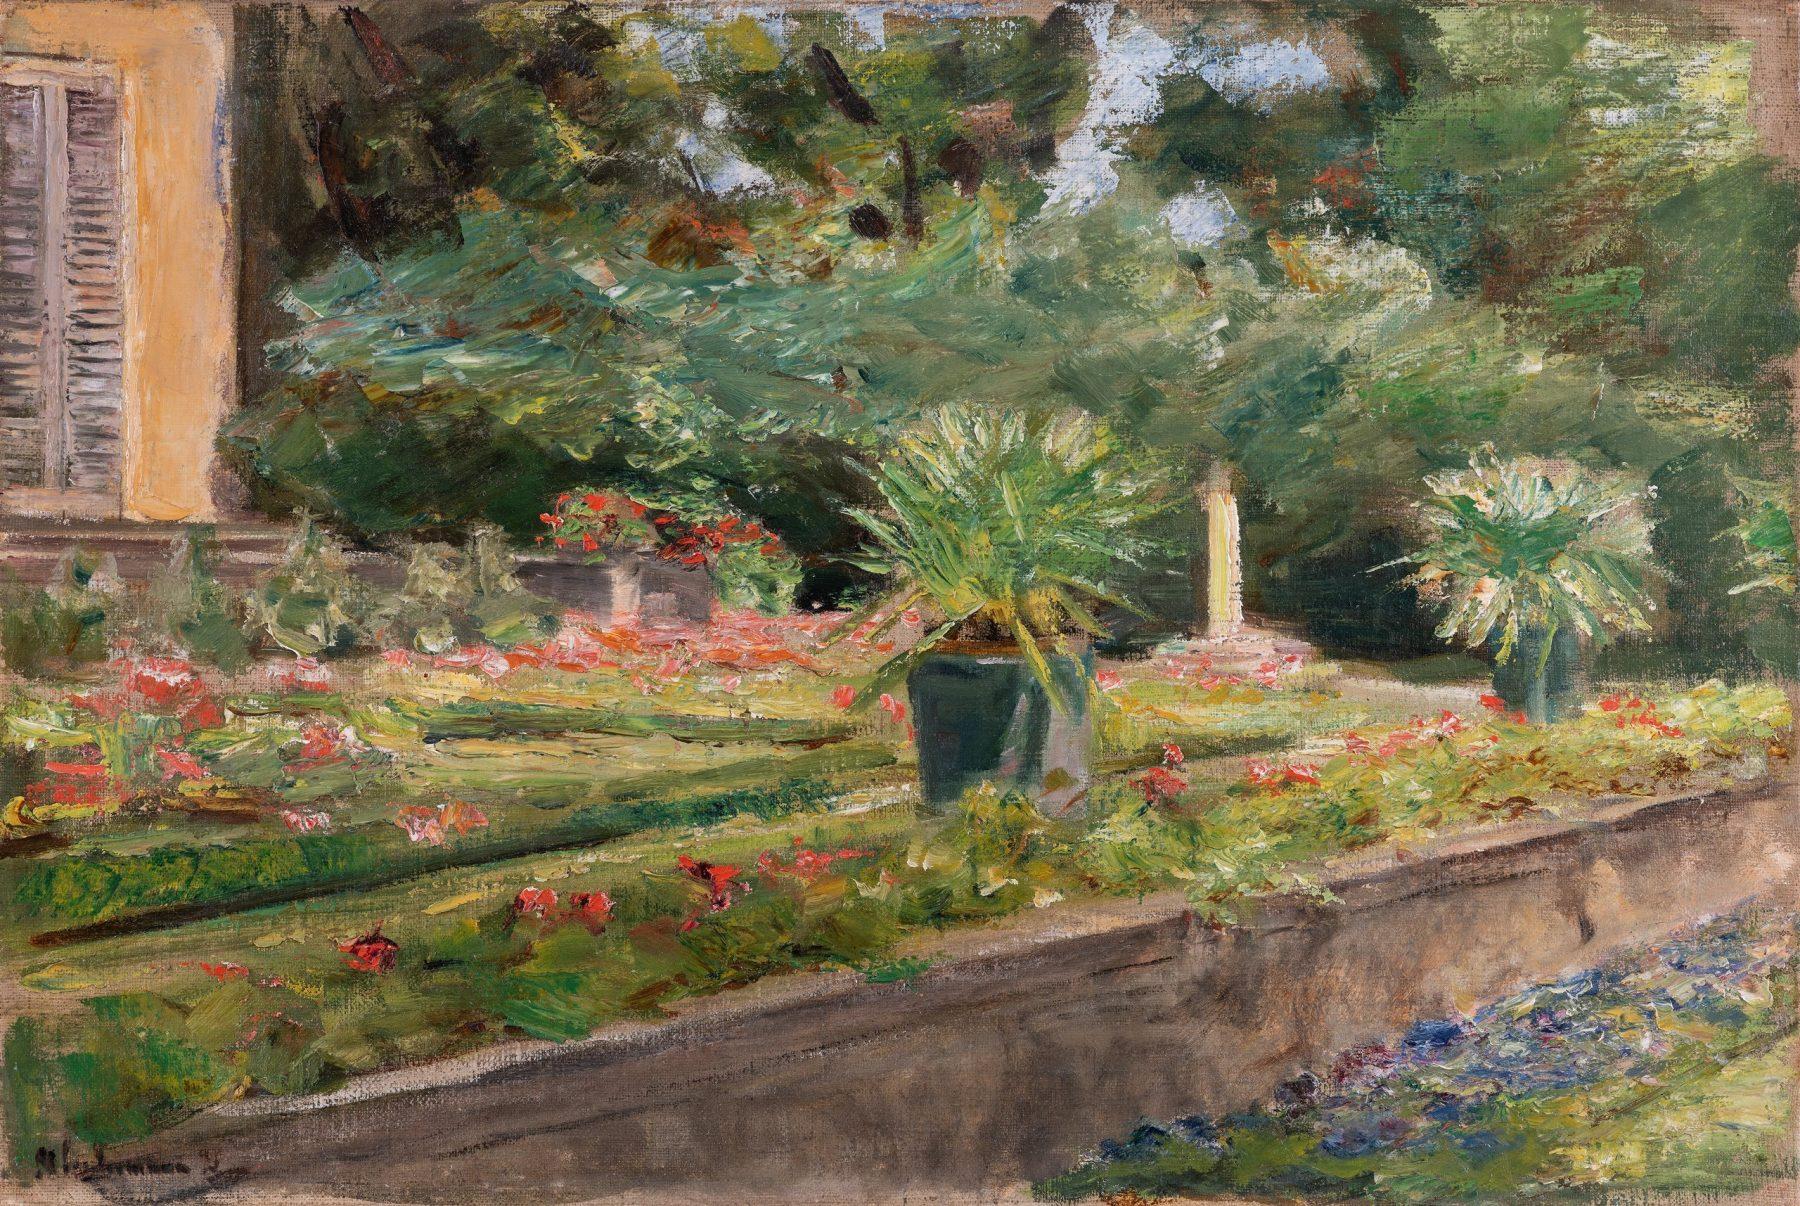 Das Gemälde zeigt einen Ausschnitt der Blumenterrasse. Es scheint Sommer zu sein, die Geranien blühen in strahlendem Rot, andere Pflanzen kommen in verschiedenen Grüntönen daher.